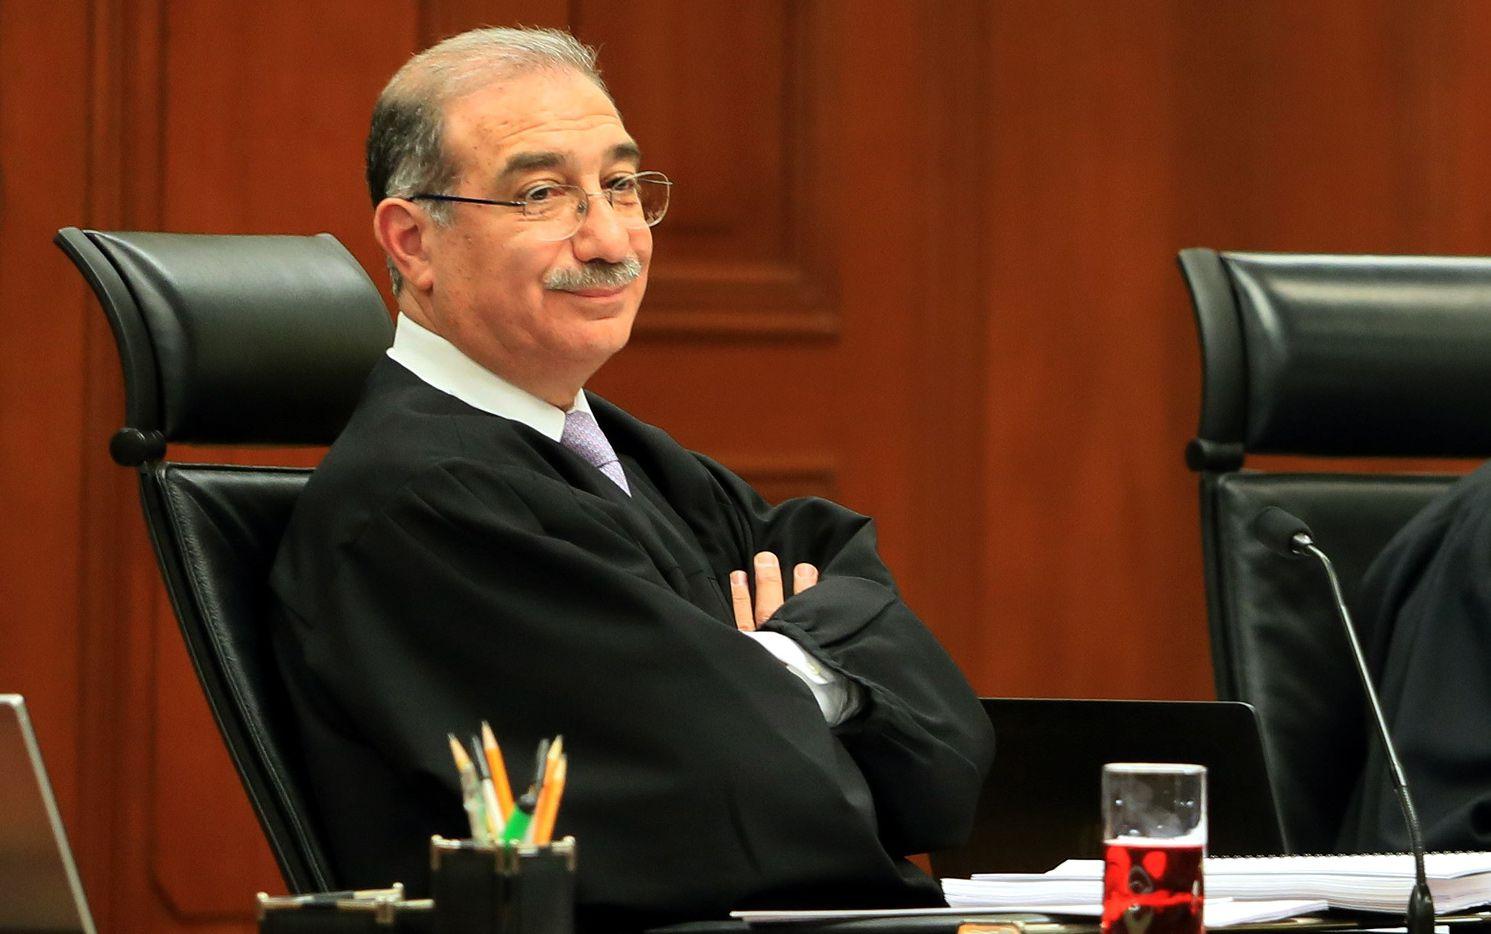 Alberto Pérez Dayán, juez de la Corte Suprema de Justicia de México. AGENCIA REFORMA